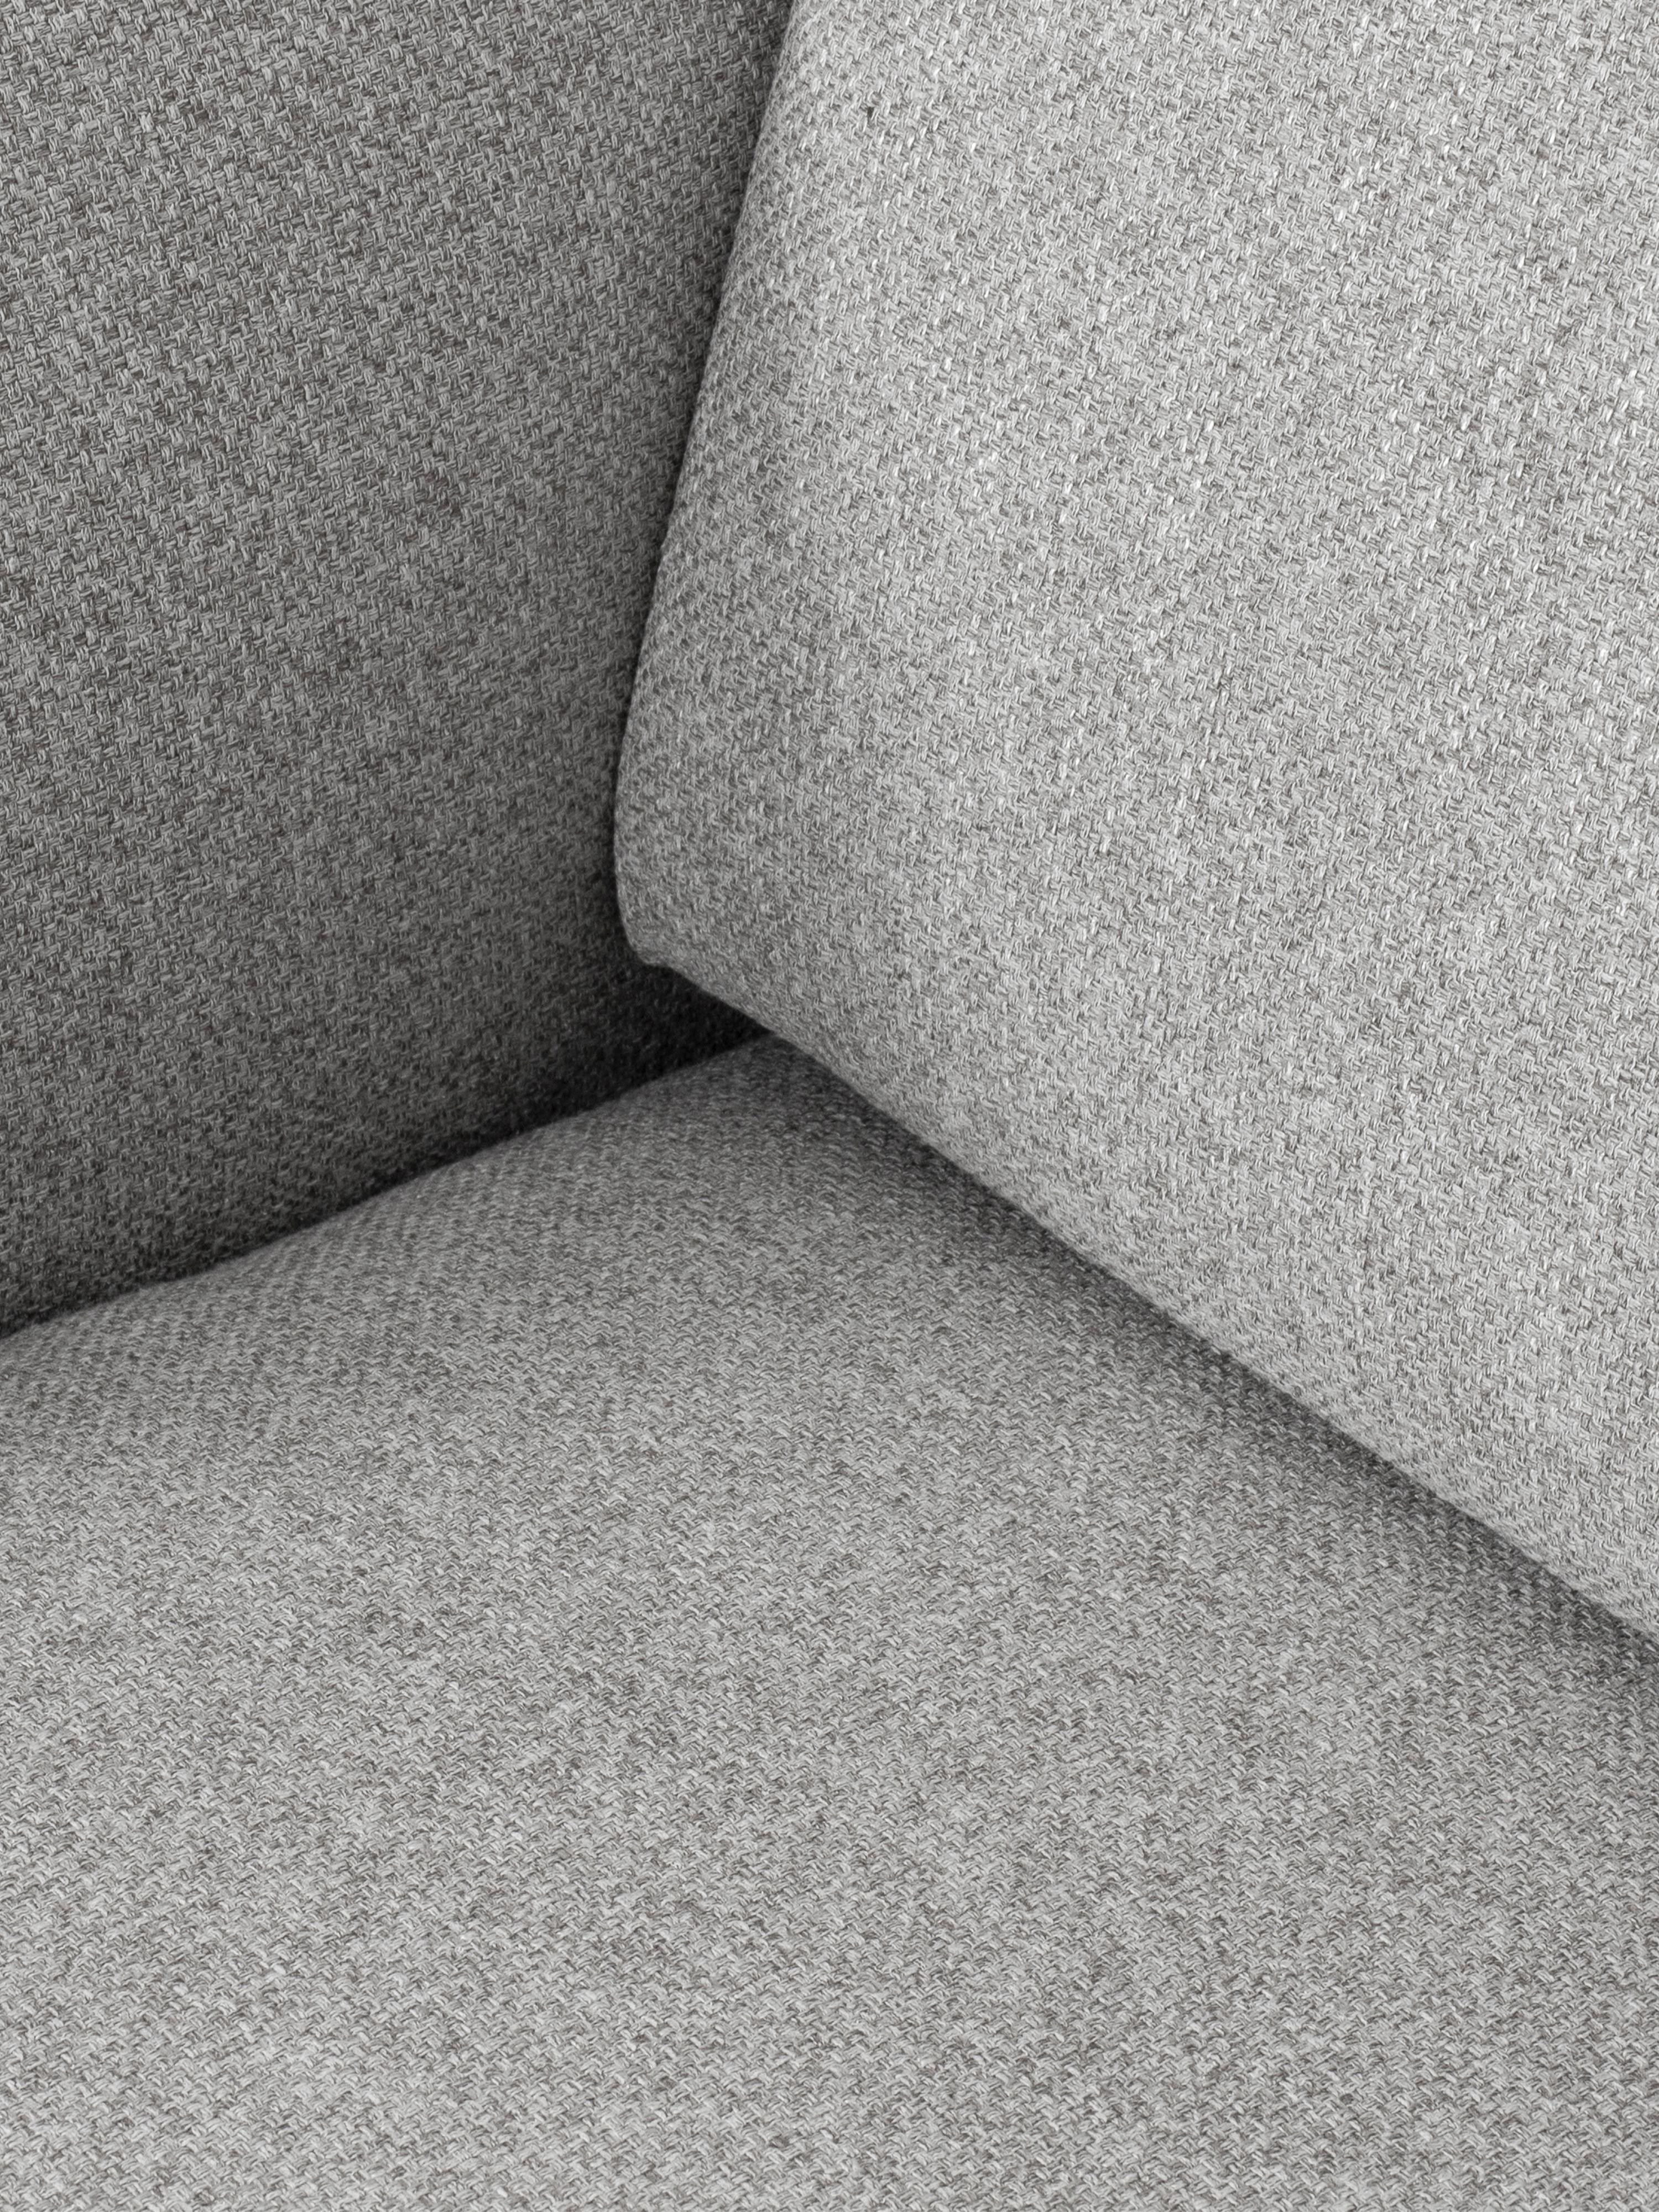 Fauteuil gris clair Fluente, Tissu gris clair